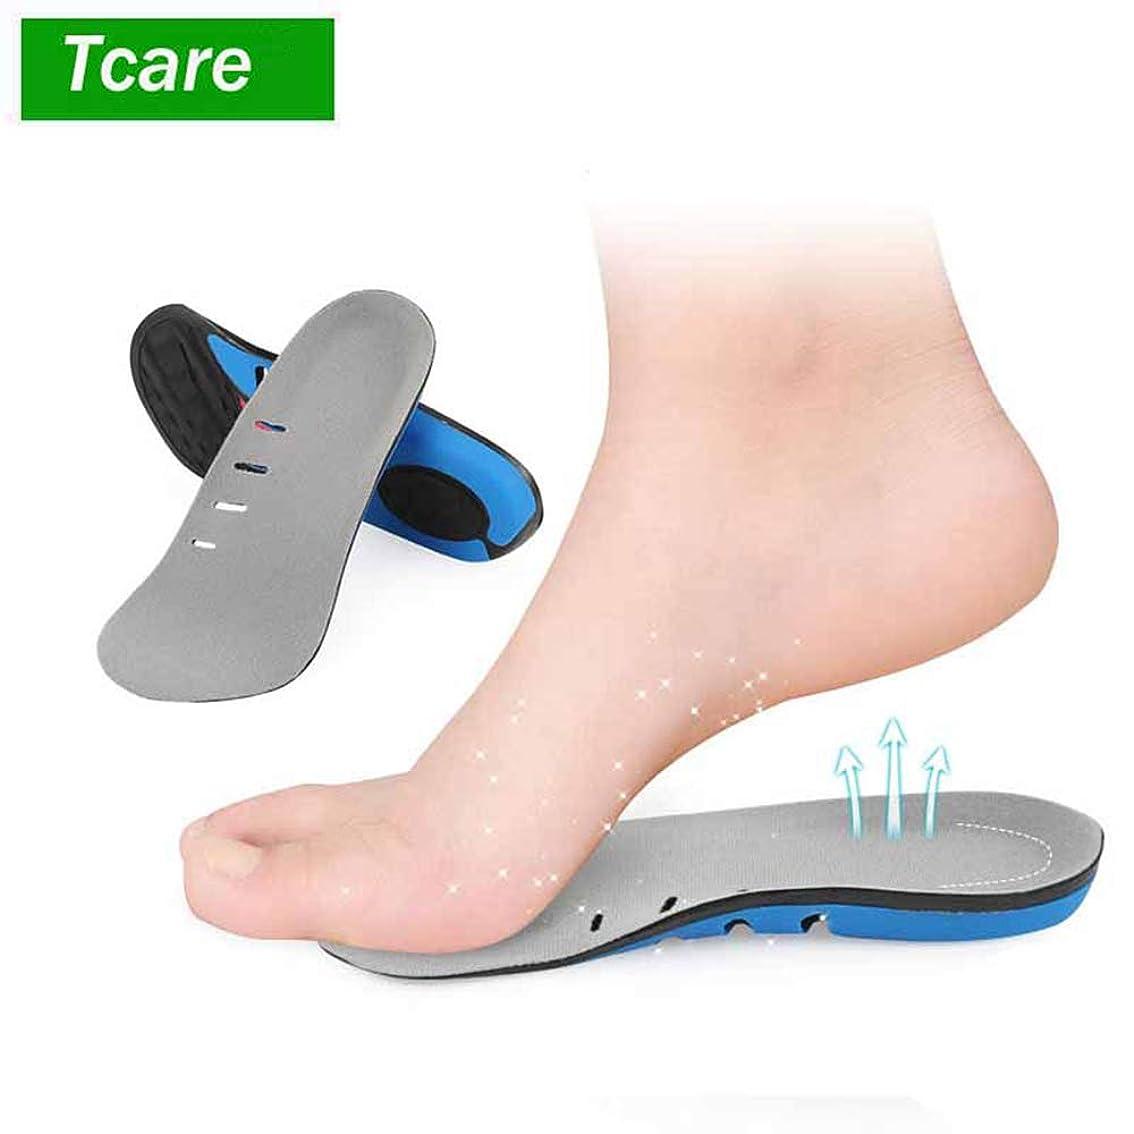 バンジョー翻訳する銀河靴のマッサージシューズのインソールは、男性用/女性用の足底筋膜炎用インソール